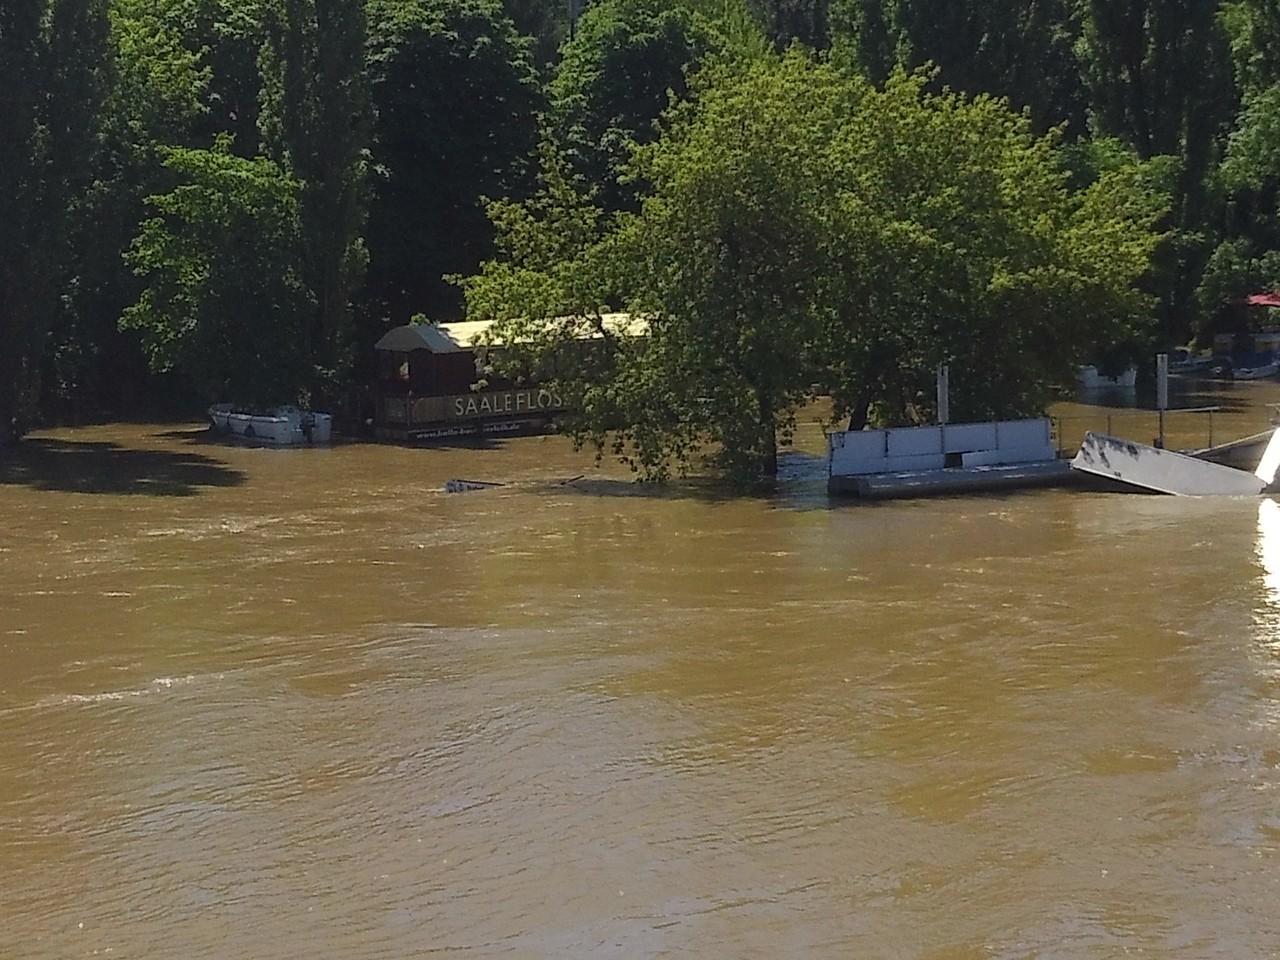 Kröllwitzer Brücke - Die Hütte, welche am 3.06 noch zu sehen war ist nun komplett unter Wasser